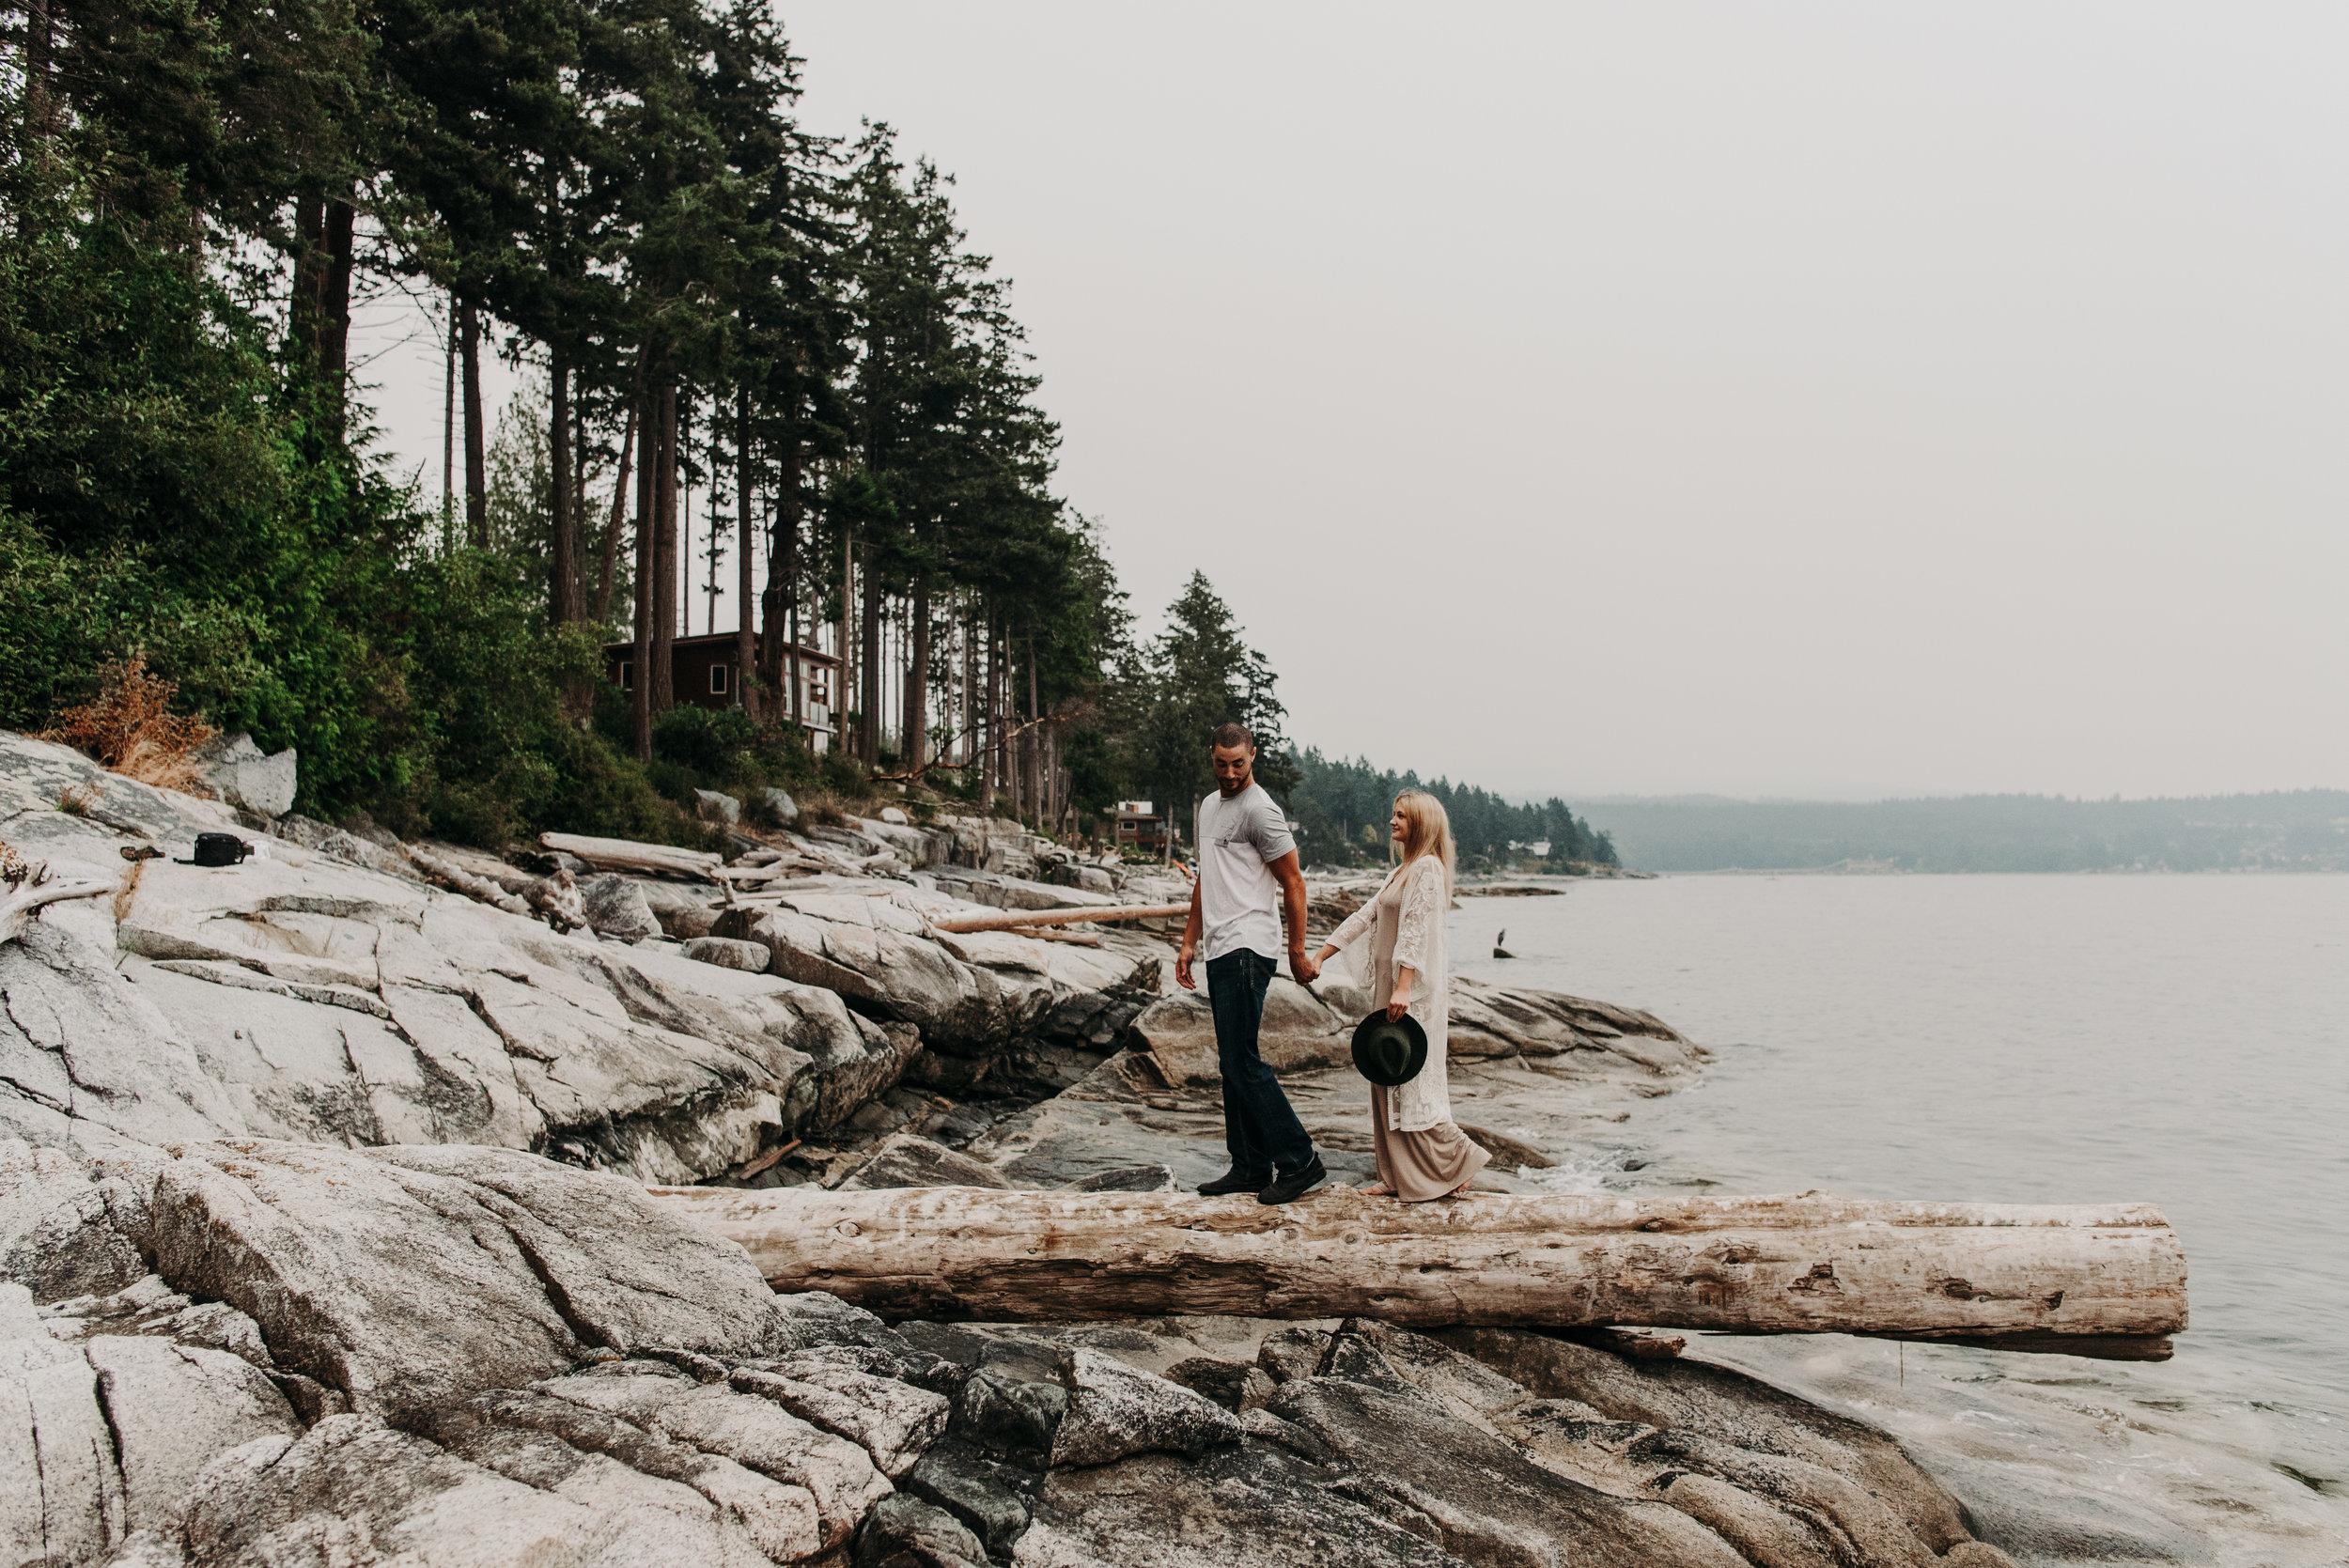 Sierra & Tyler Summer Beach Couples Session - Laura Olson Photography - Sunshine Coast BC Photographer-2523.jpg